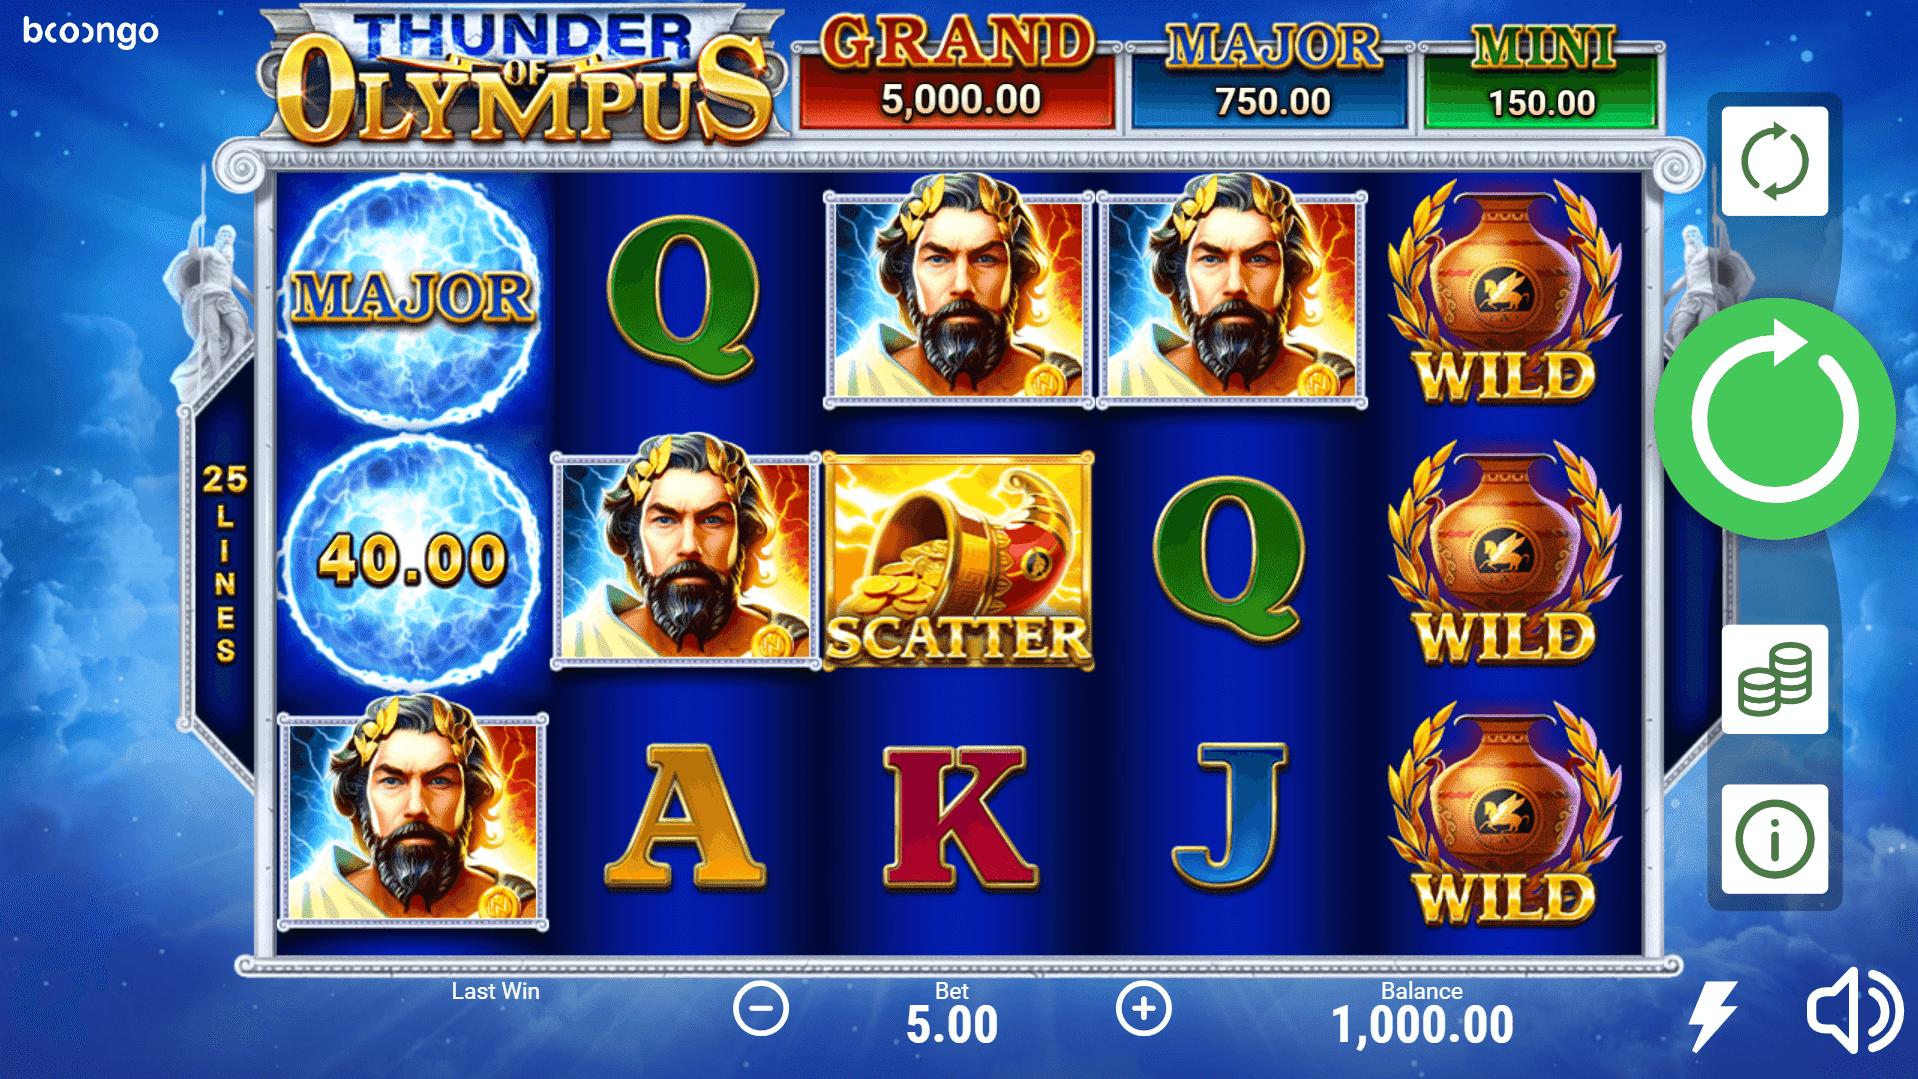 Thunder Of Olympus slot machine screenshot